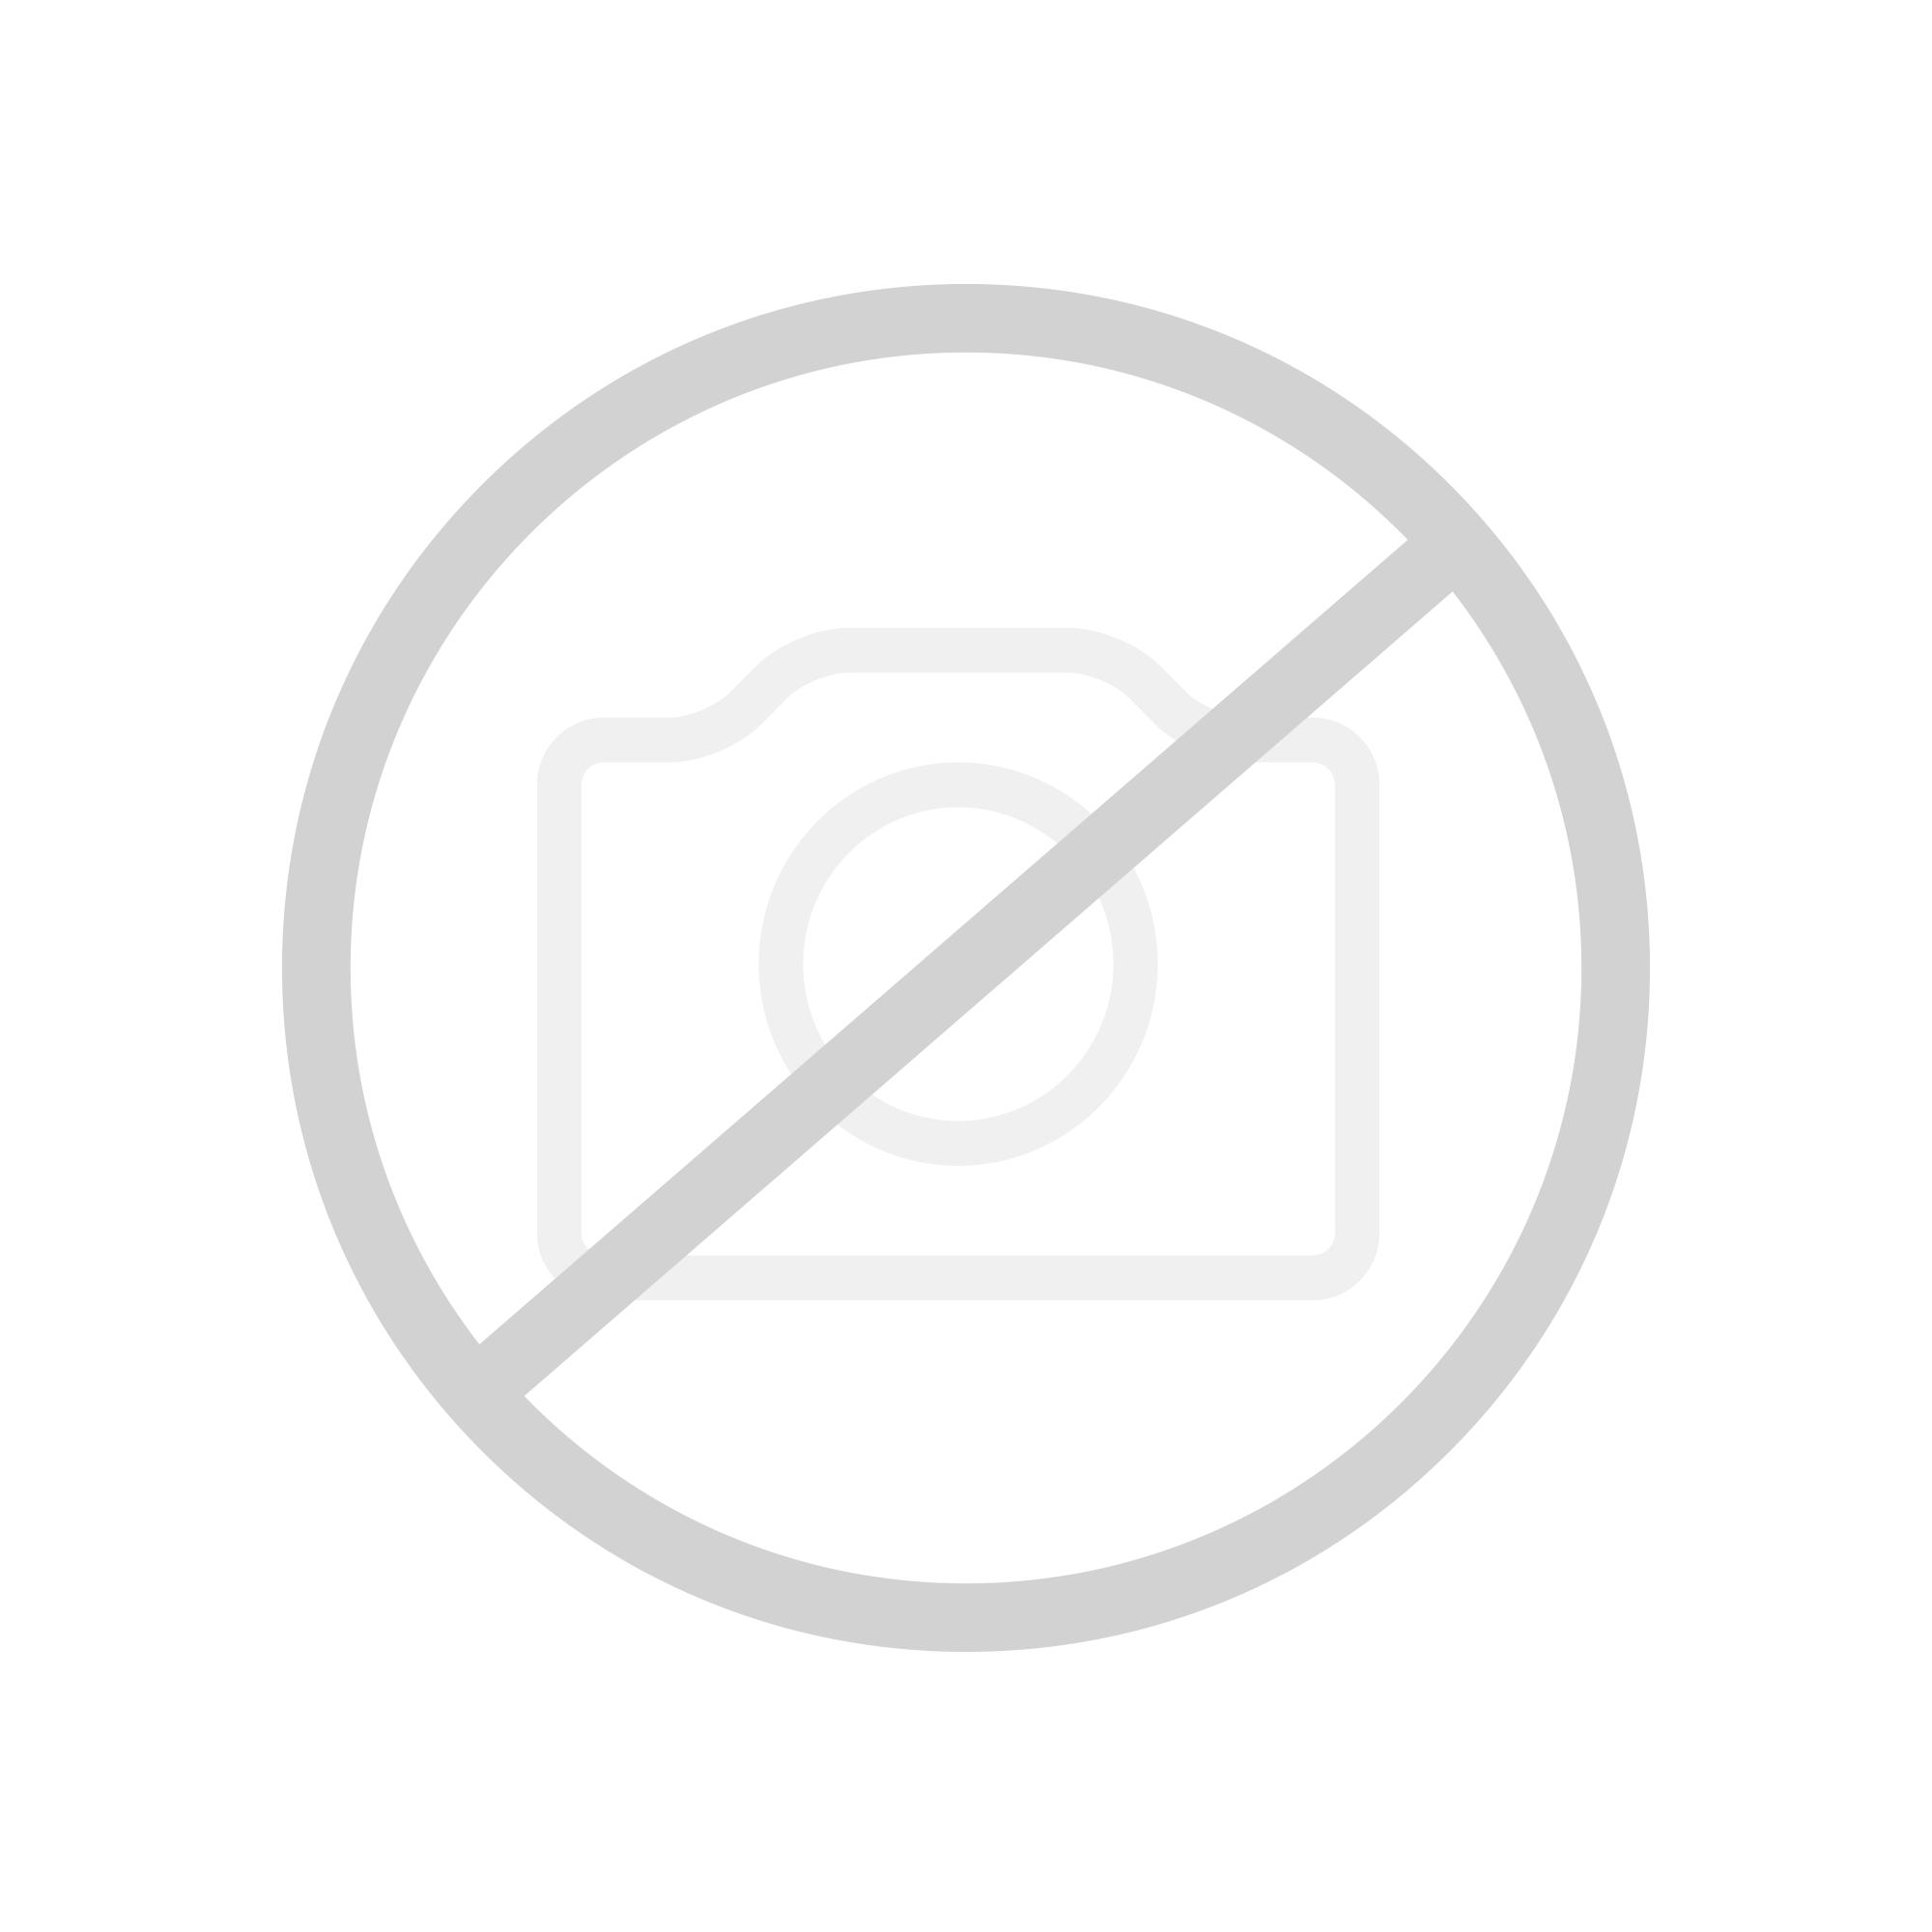 geberit sigma01 bet tigungsplatte f r 2 mengen sp lung edelmessing 115770dt5 reuter onlineshop. Black Bedroom Furniture Sets. Home Design Ideas